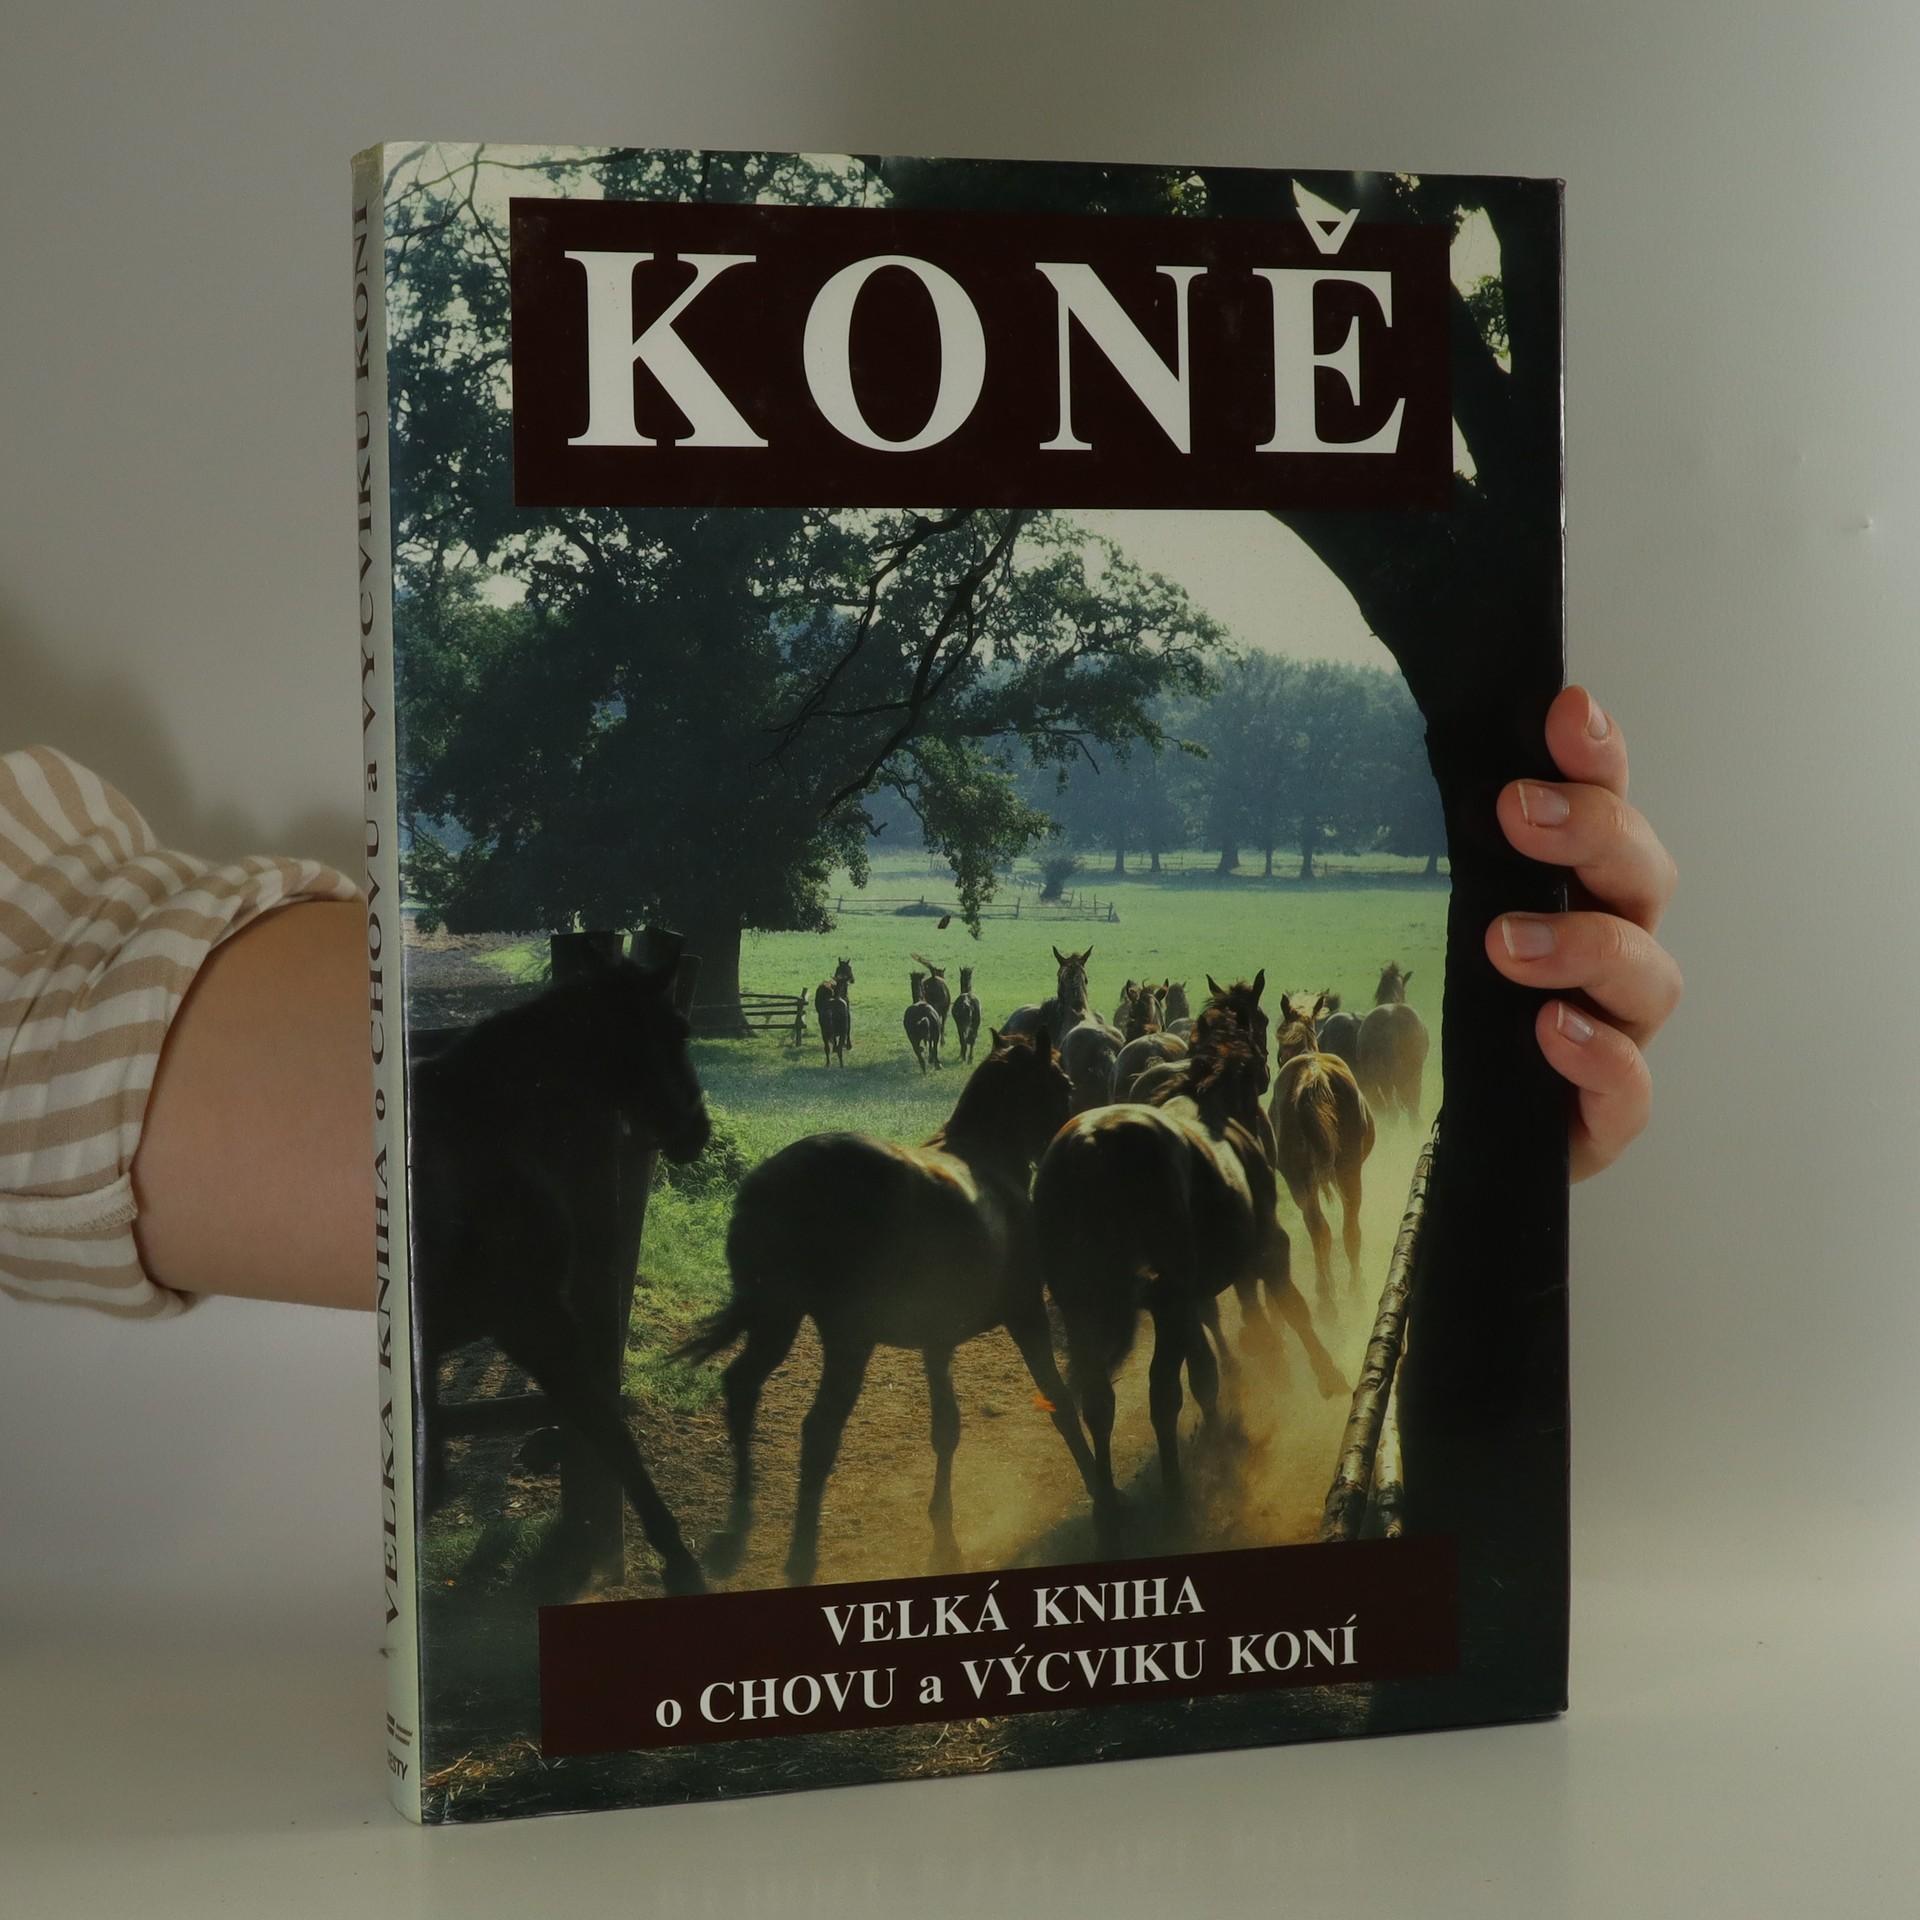 antikvární kniha Koně. Velká kniha o chovu a výcviku koní, 1995